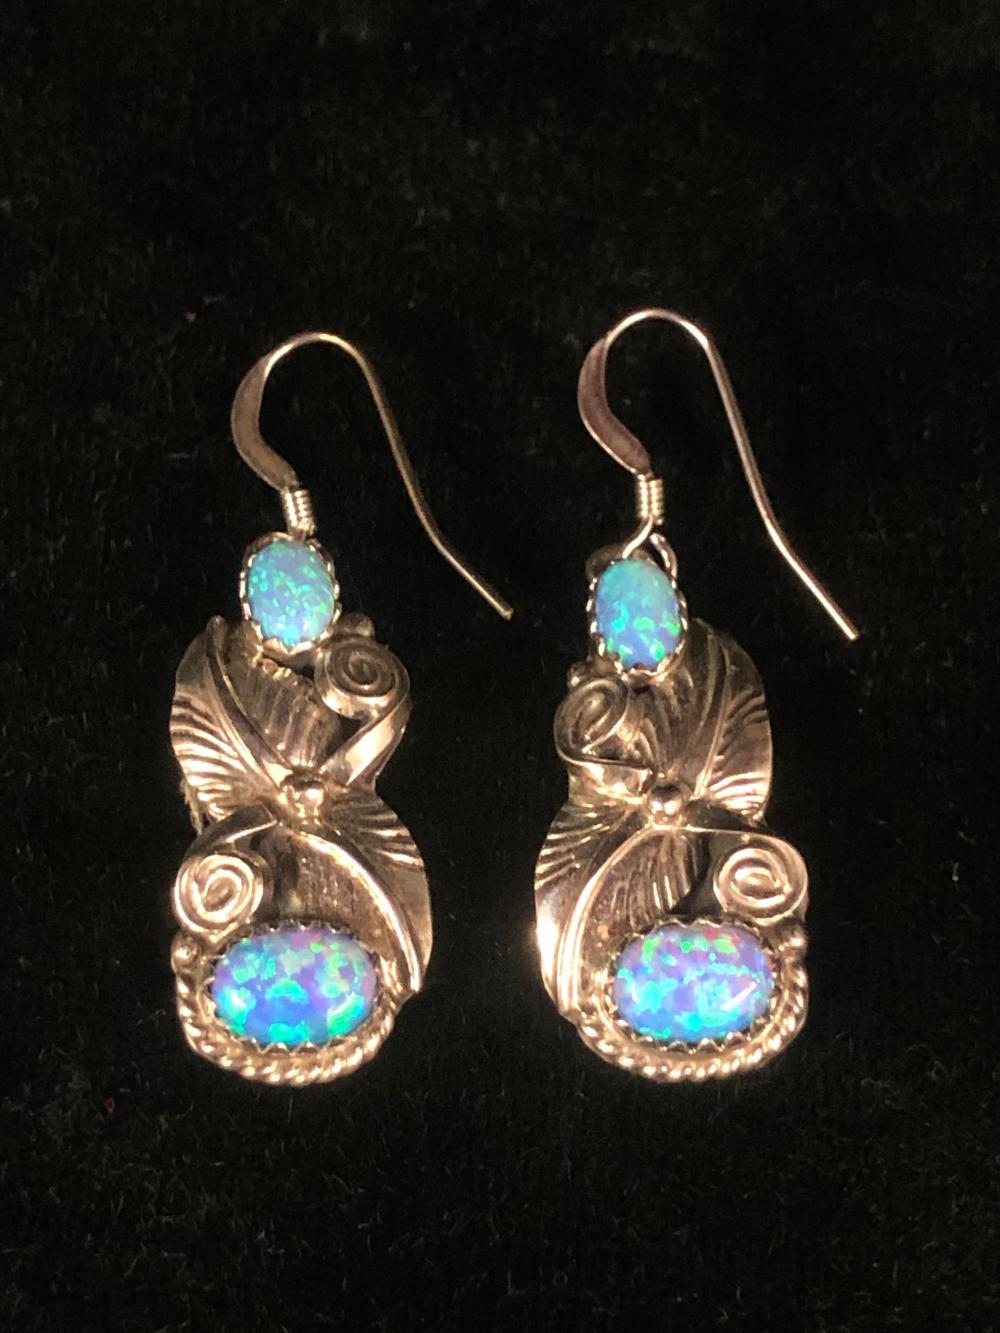 Cultured opal leaf pattern sterling silver earrings